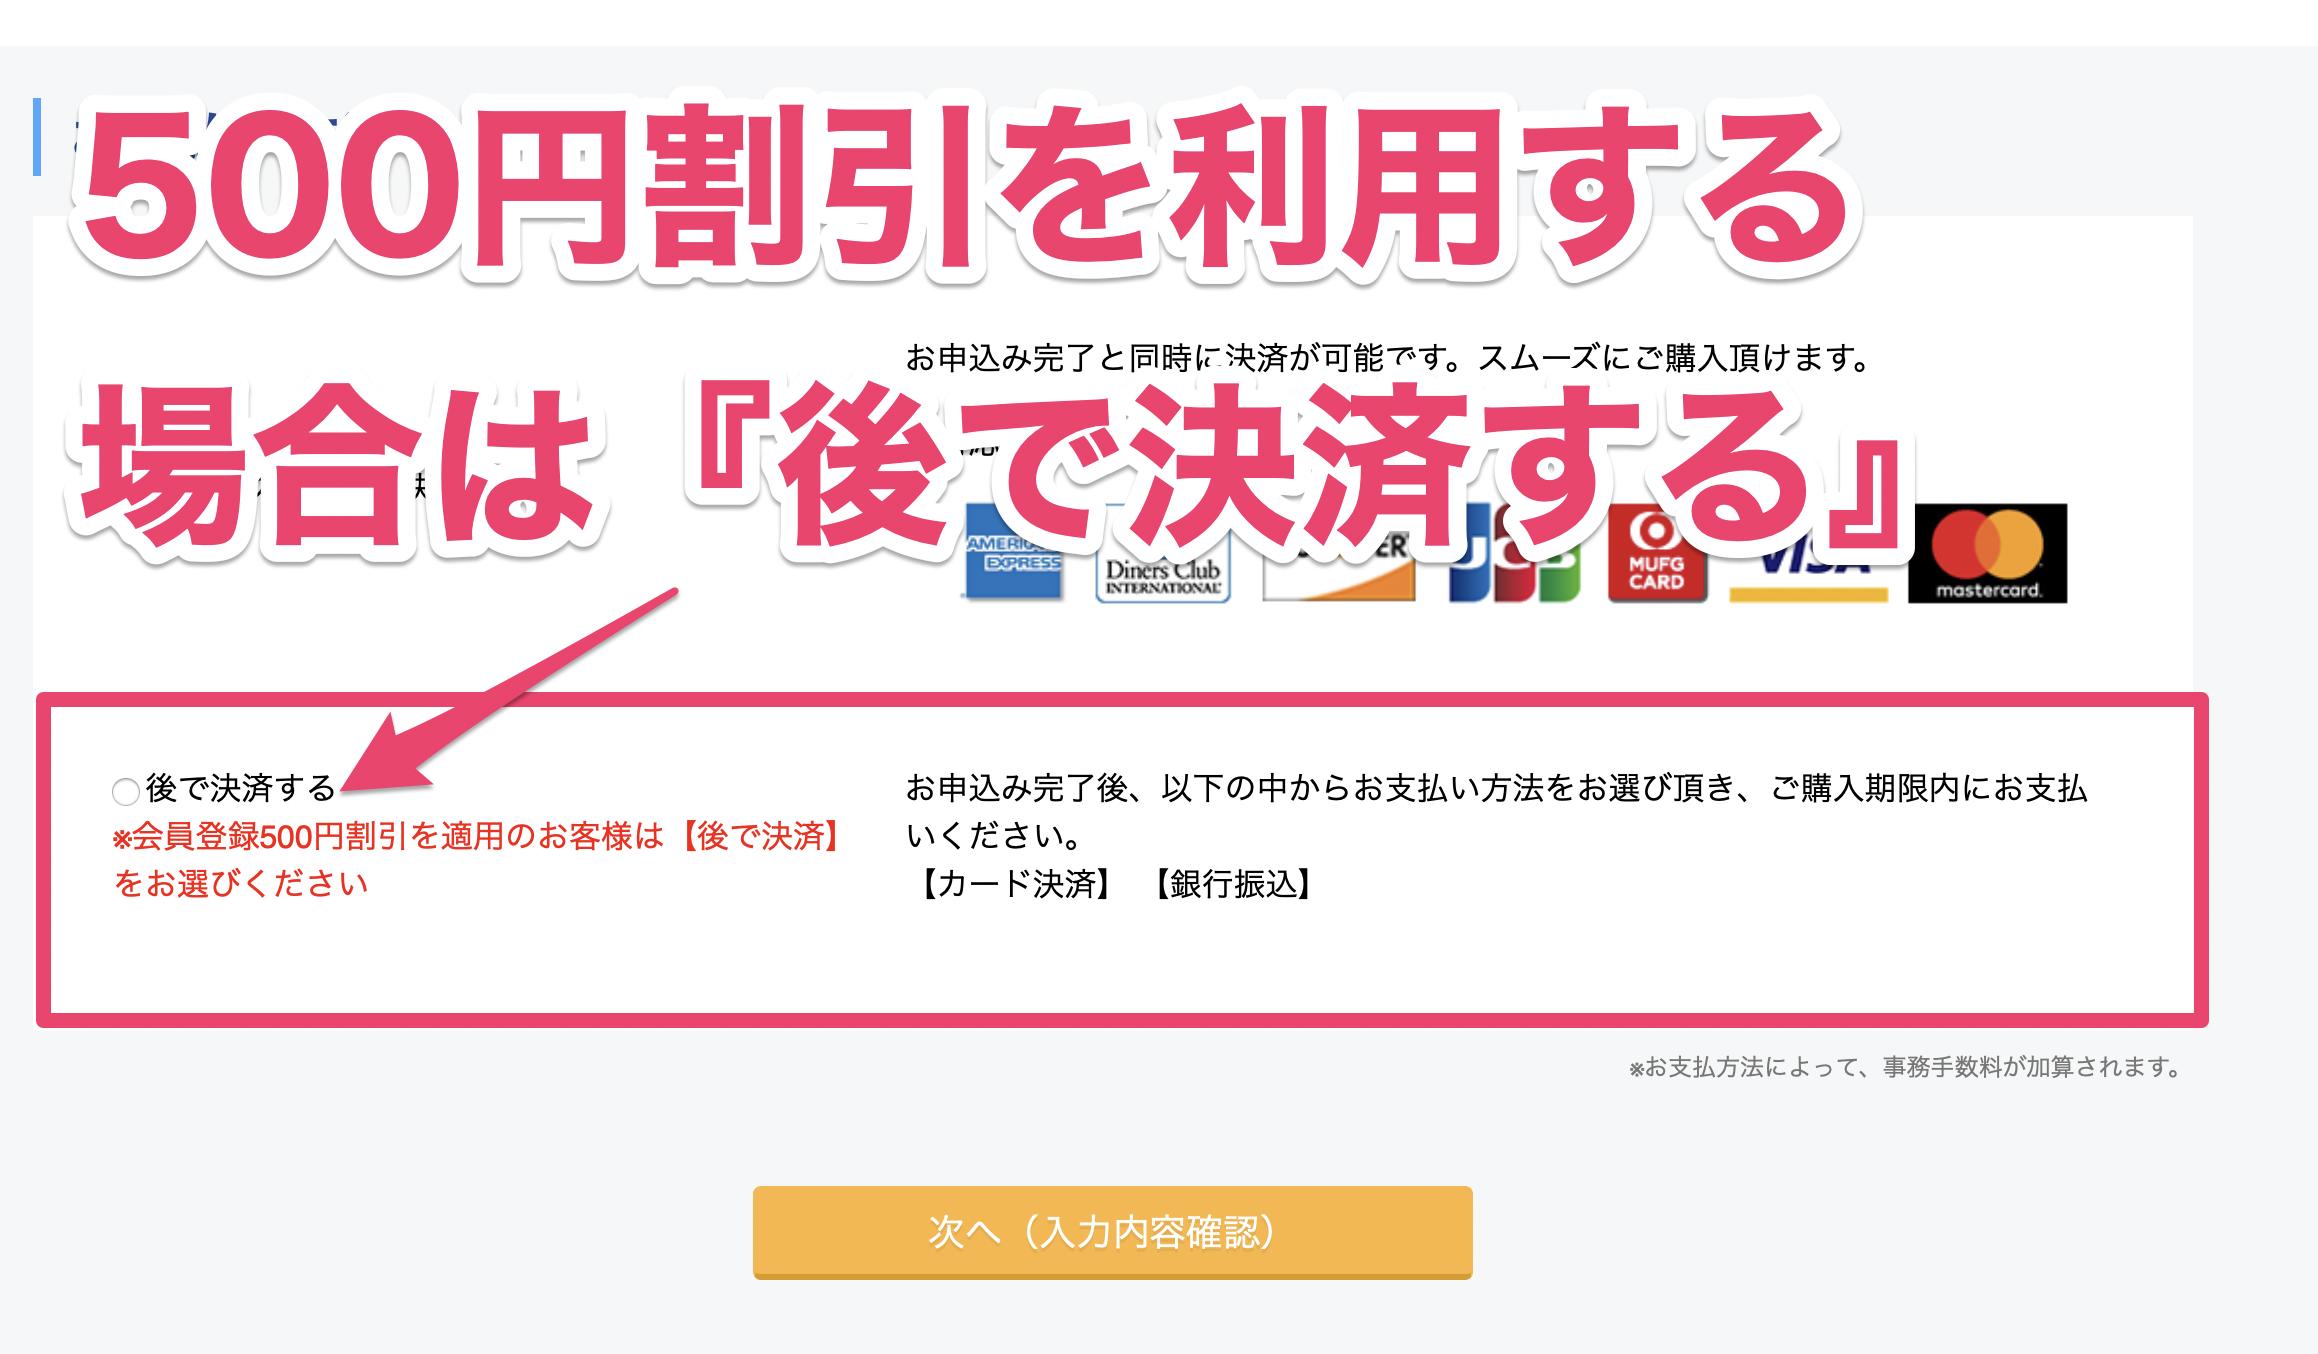 ソラハピの500円割引キャンペーン